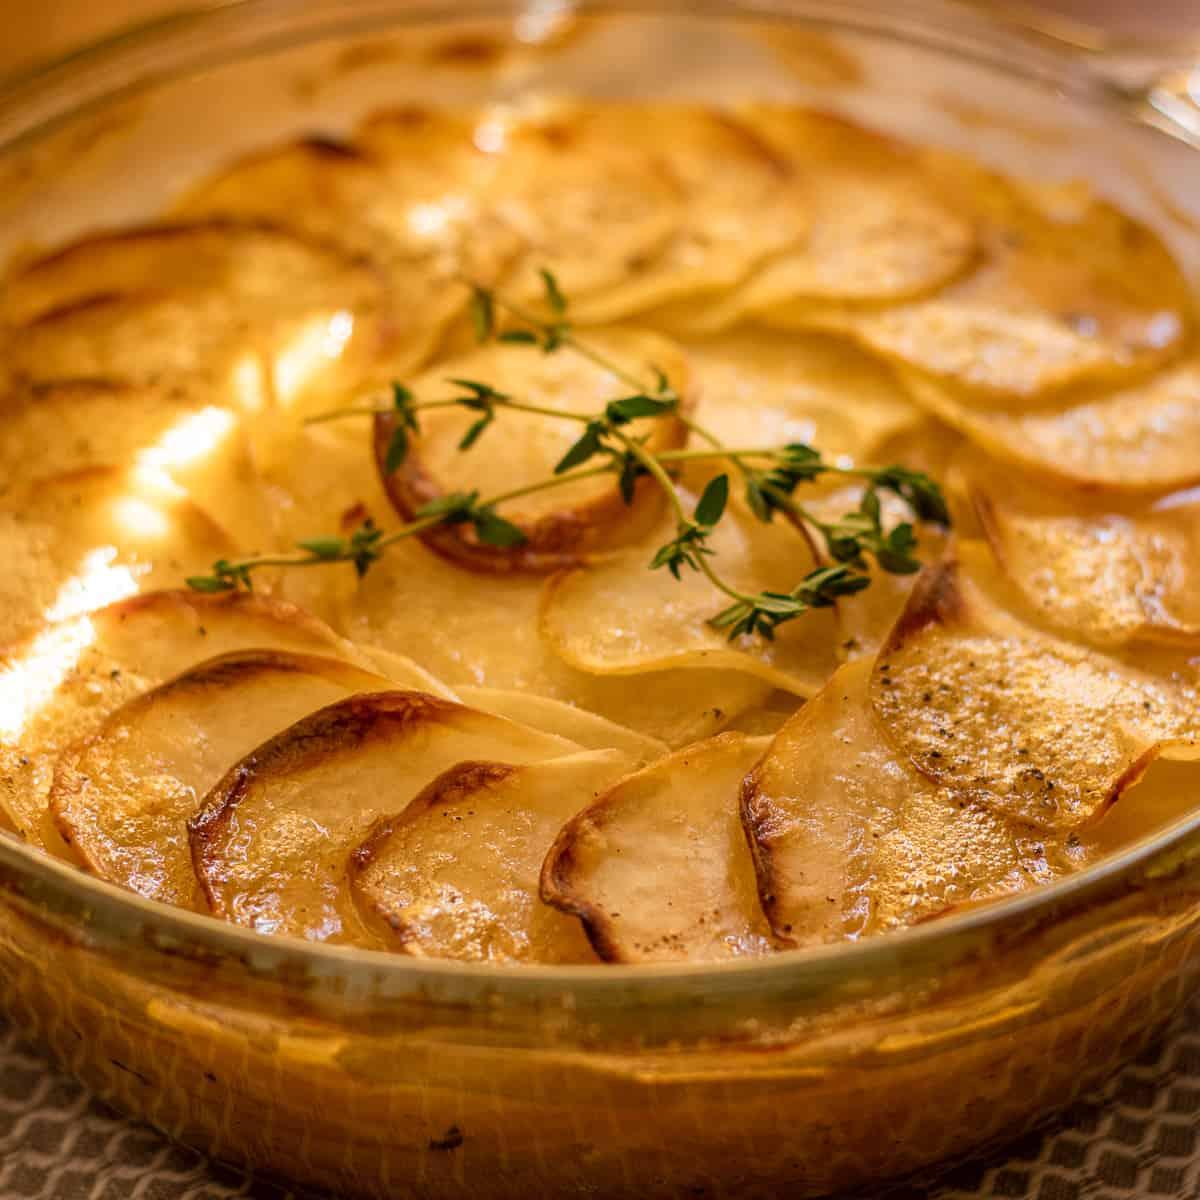 freshly baked Potato Boulangere